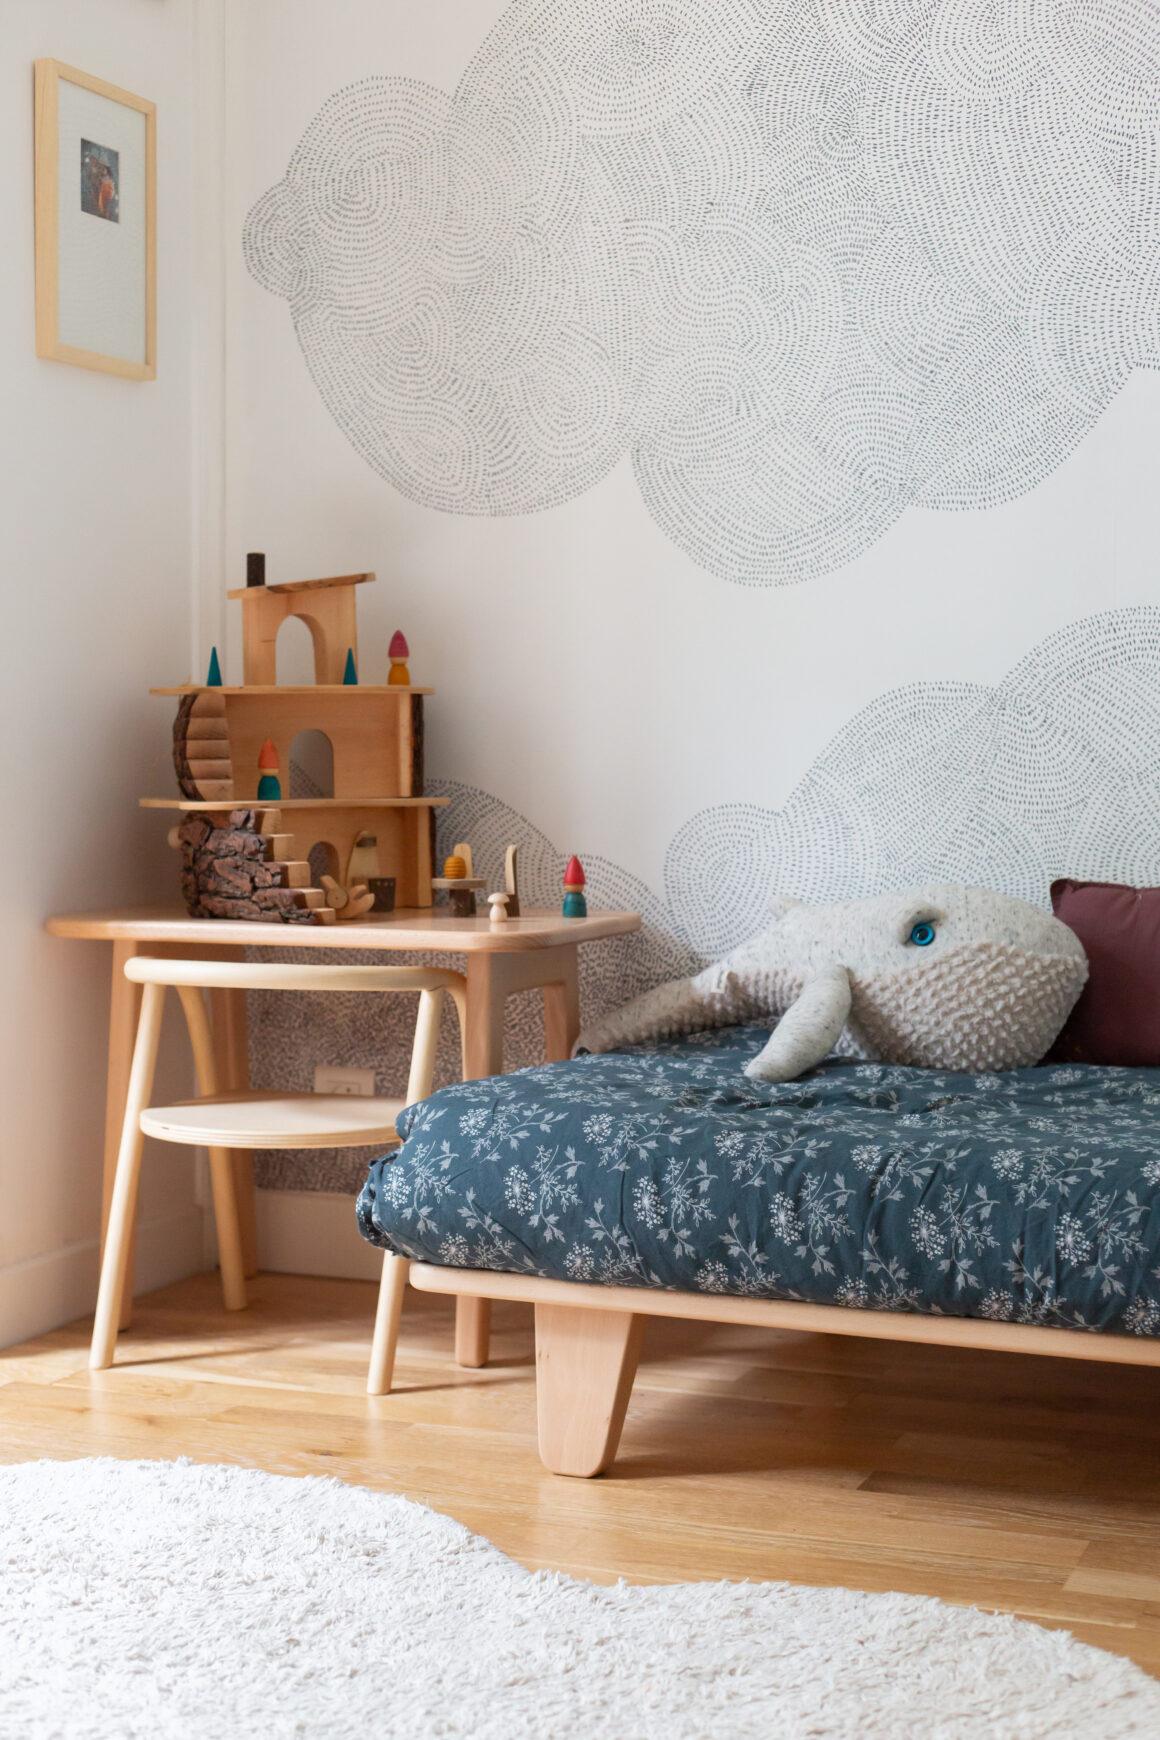 Décorer à une chambre d'enfant de manière éco-responsable avec le papier peint d'exception sur mesure et made in France Bien Fait Paris